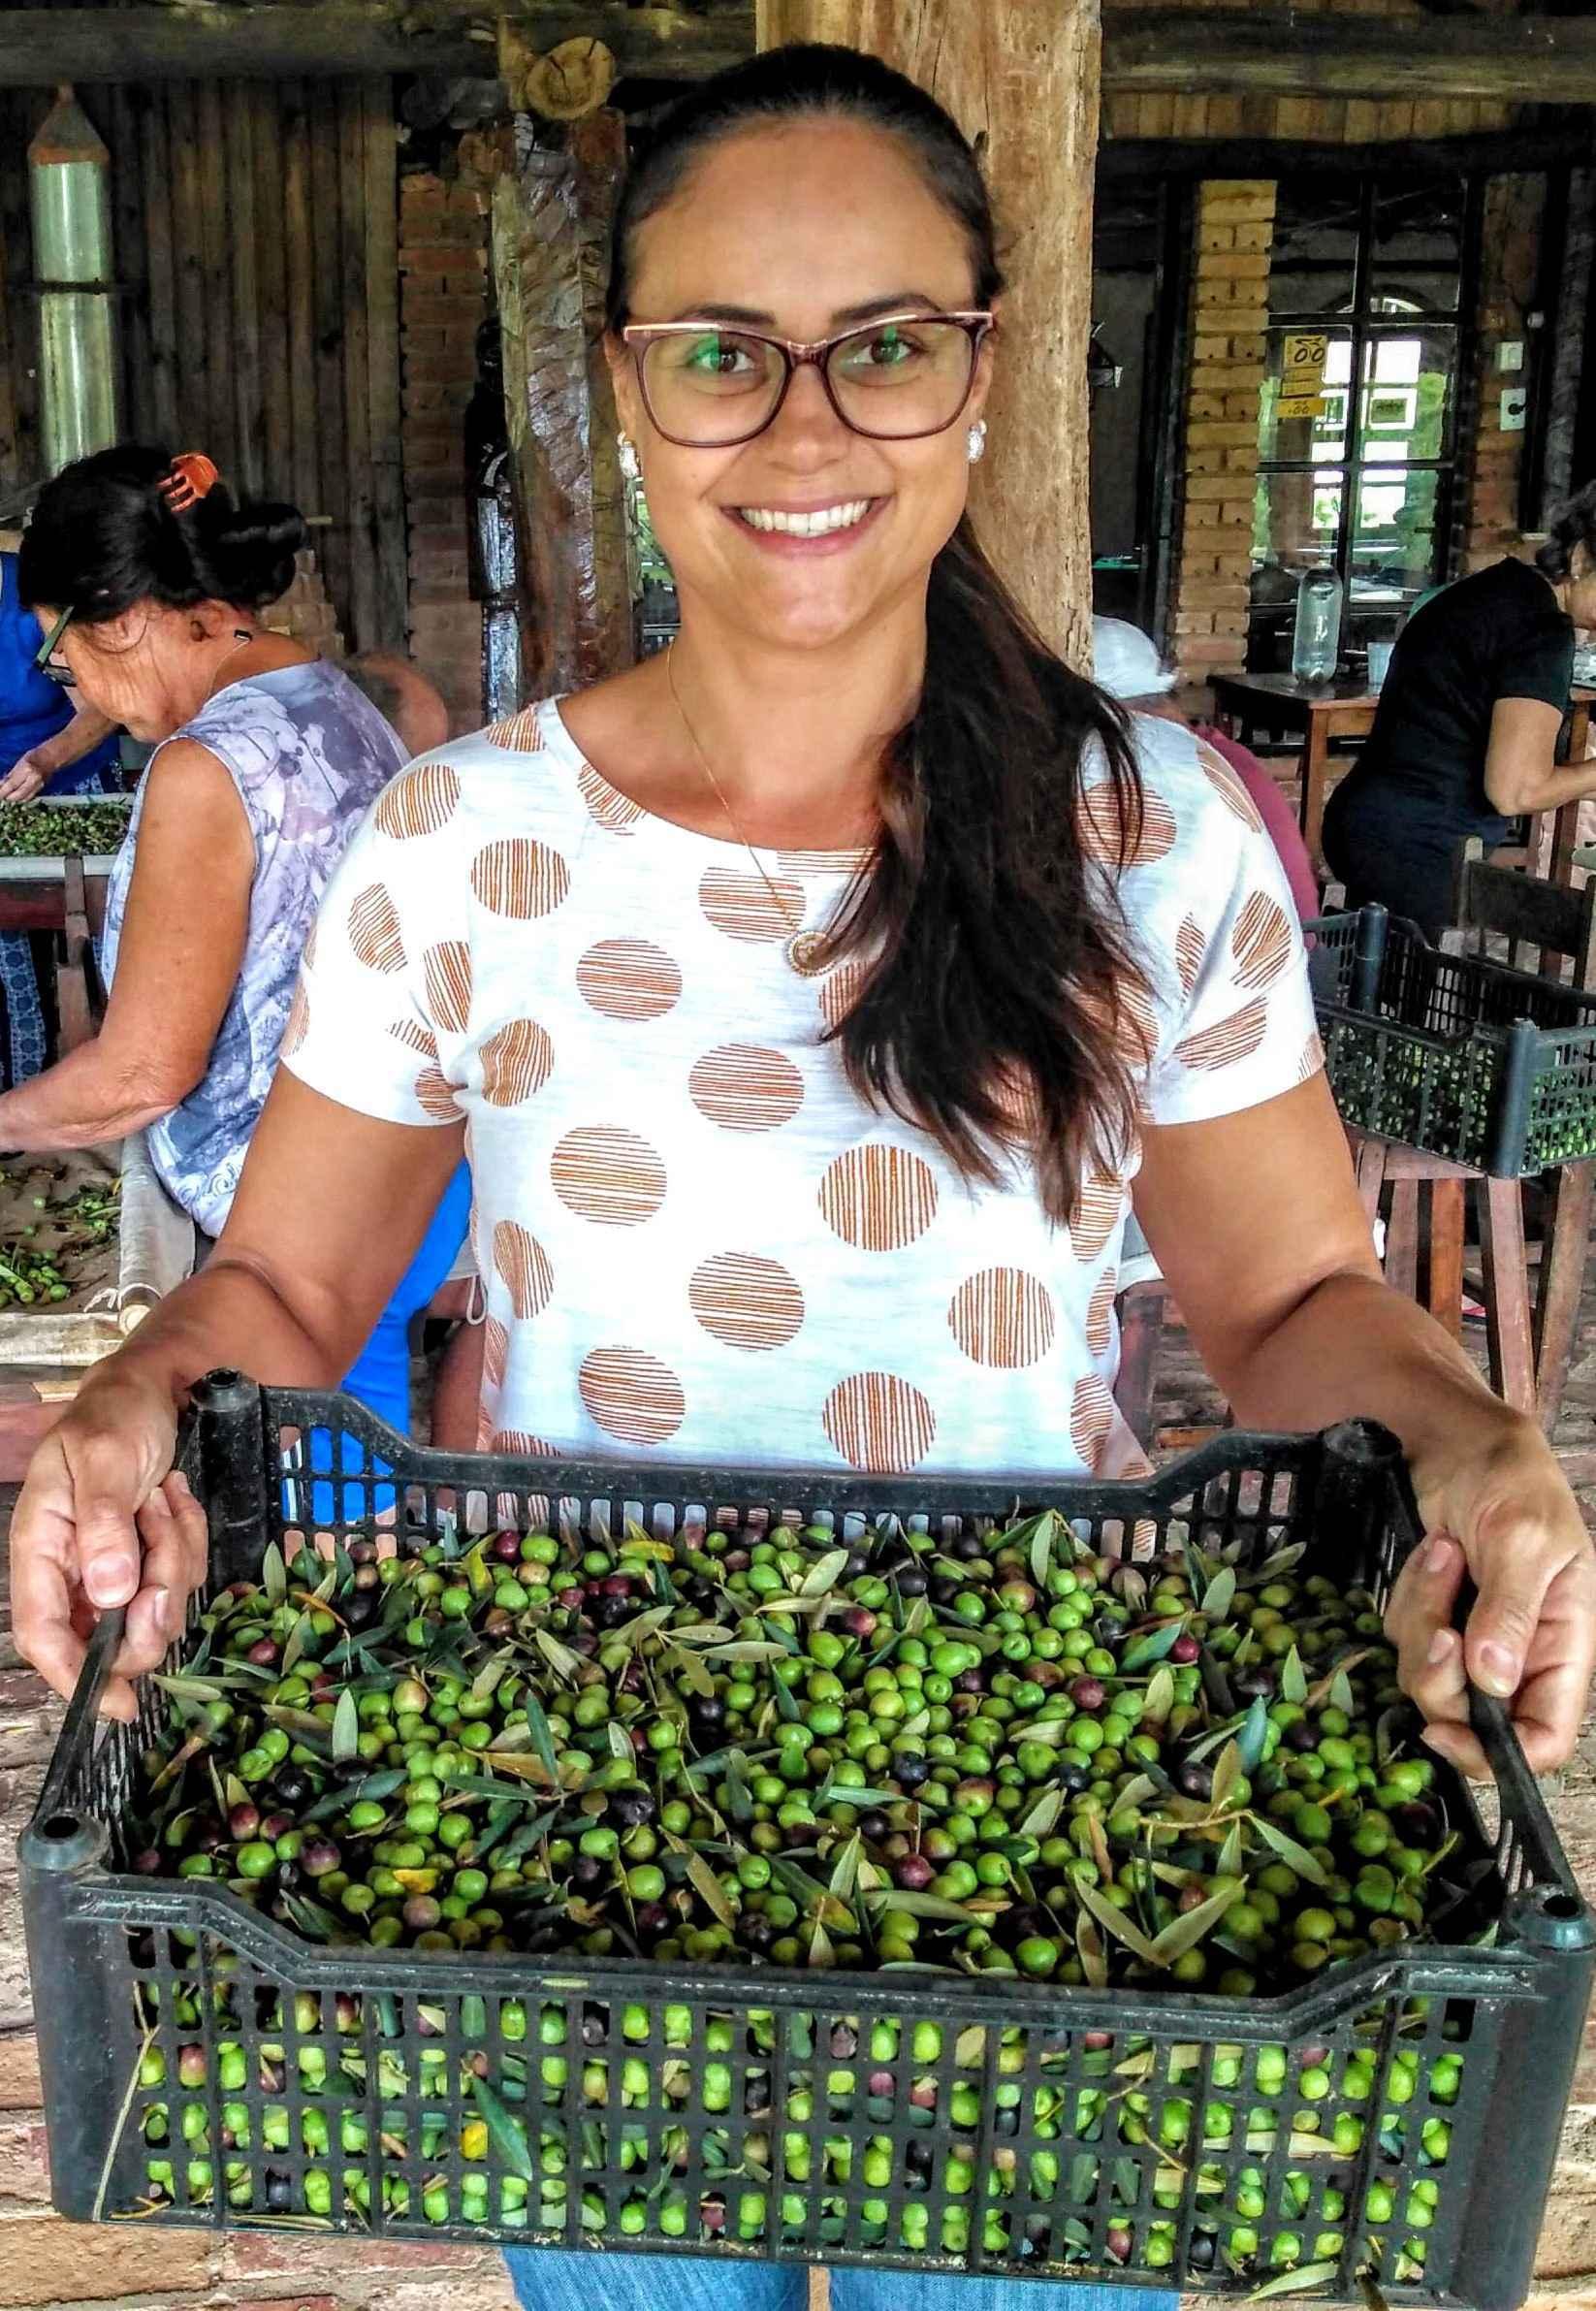 Amanda: proximidade entre pesquisadores e produtores de oliveiras permite a elaboração de protocolos que buscam mais qualidade dos produtos